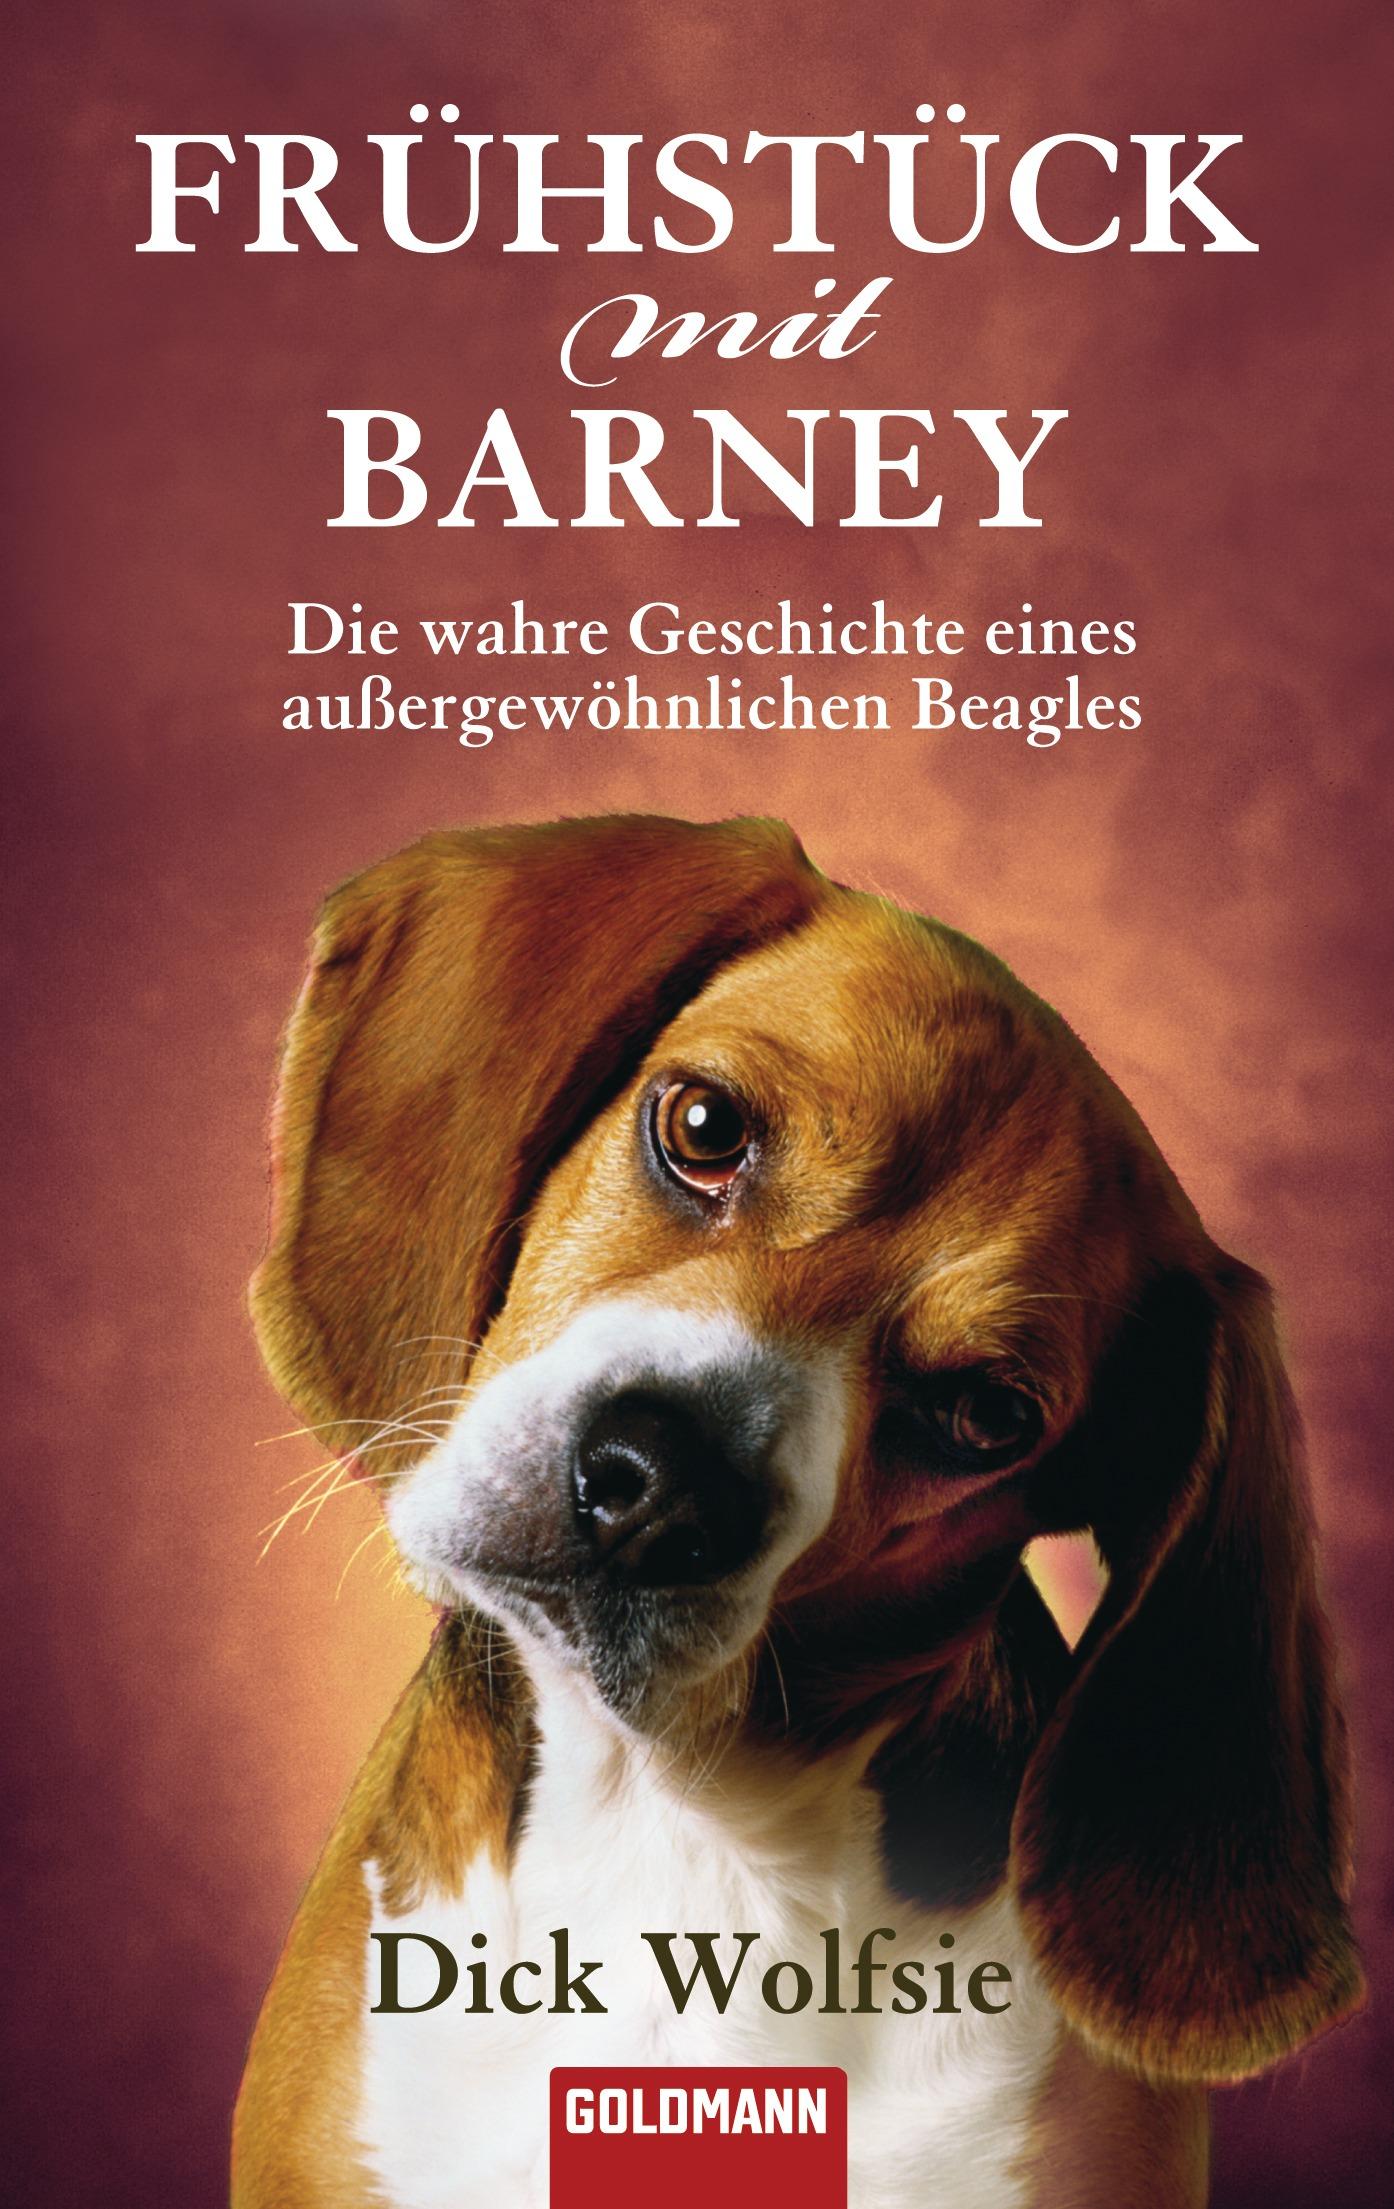 Fruehstueck mit Barney von Dick Wolfsie